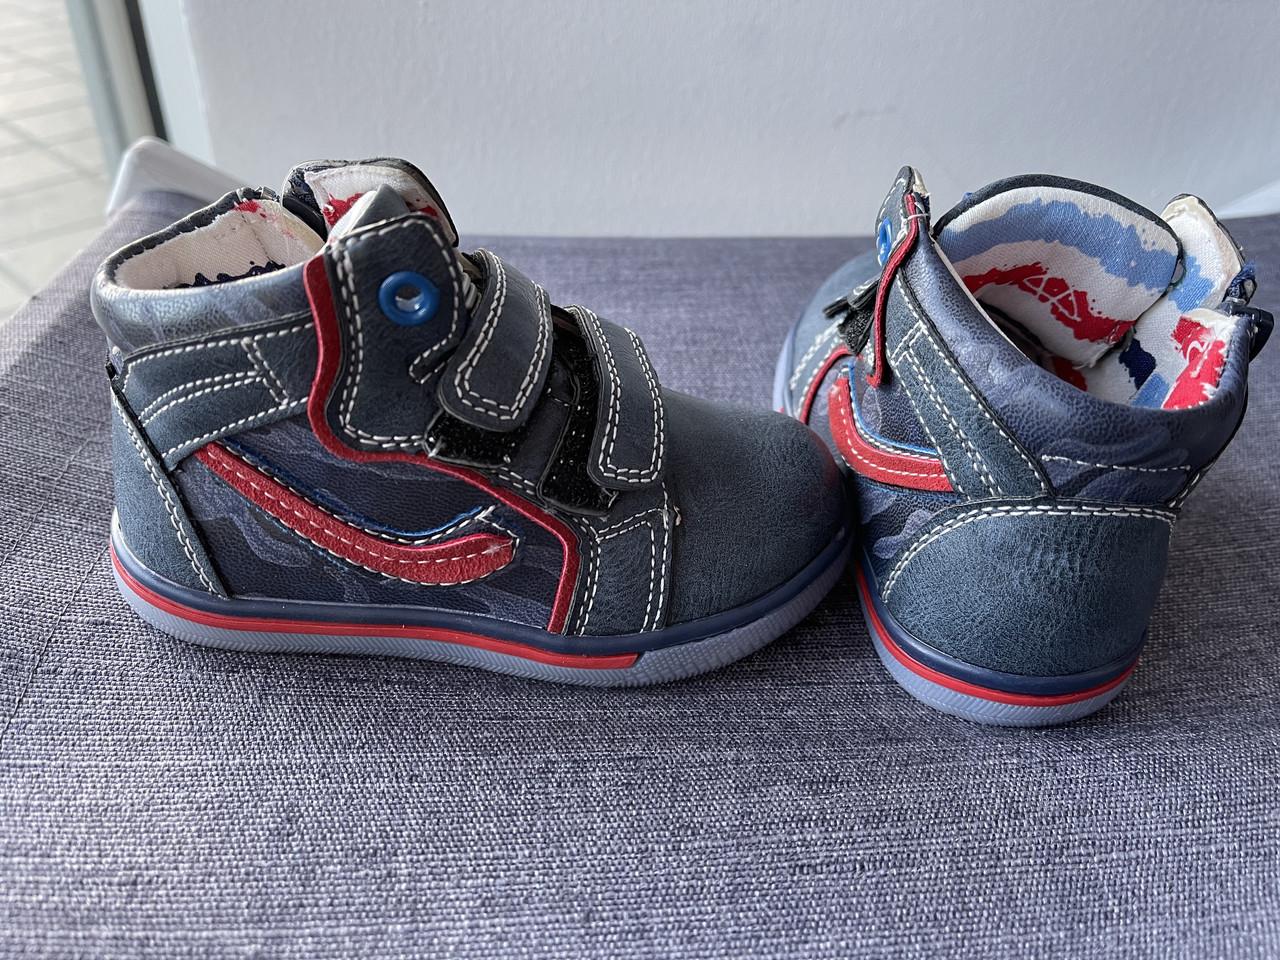 Ботинки для мальчика 55466 ( 21-26 розмір)